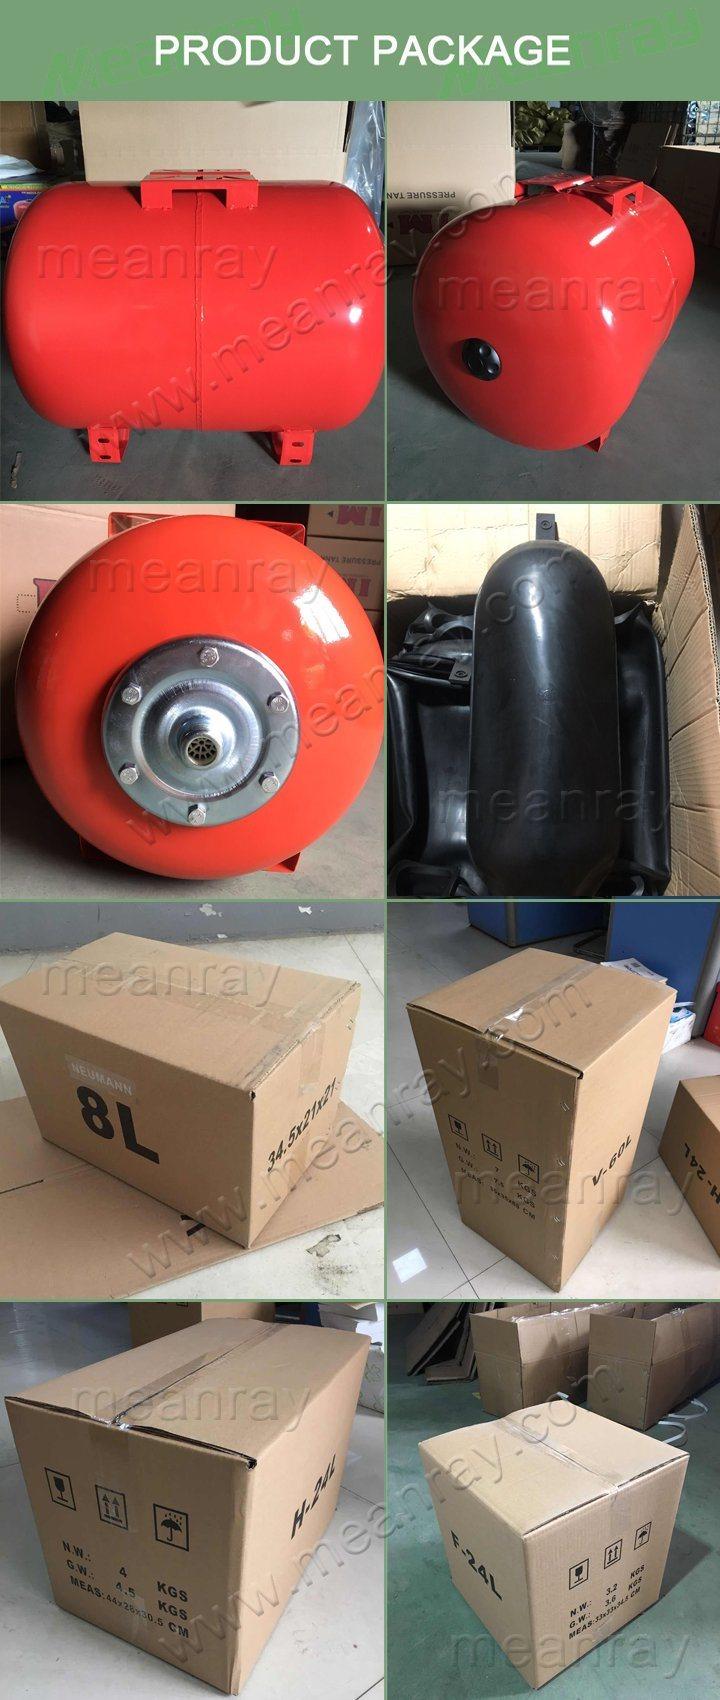 Alle Produkte Zur Verfügung Gestellt Vonyueqing Mingrui Imp And Exp